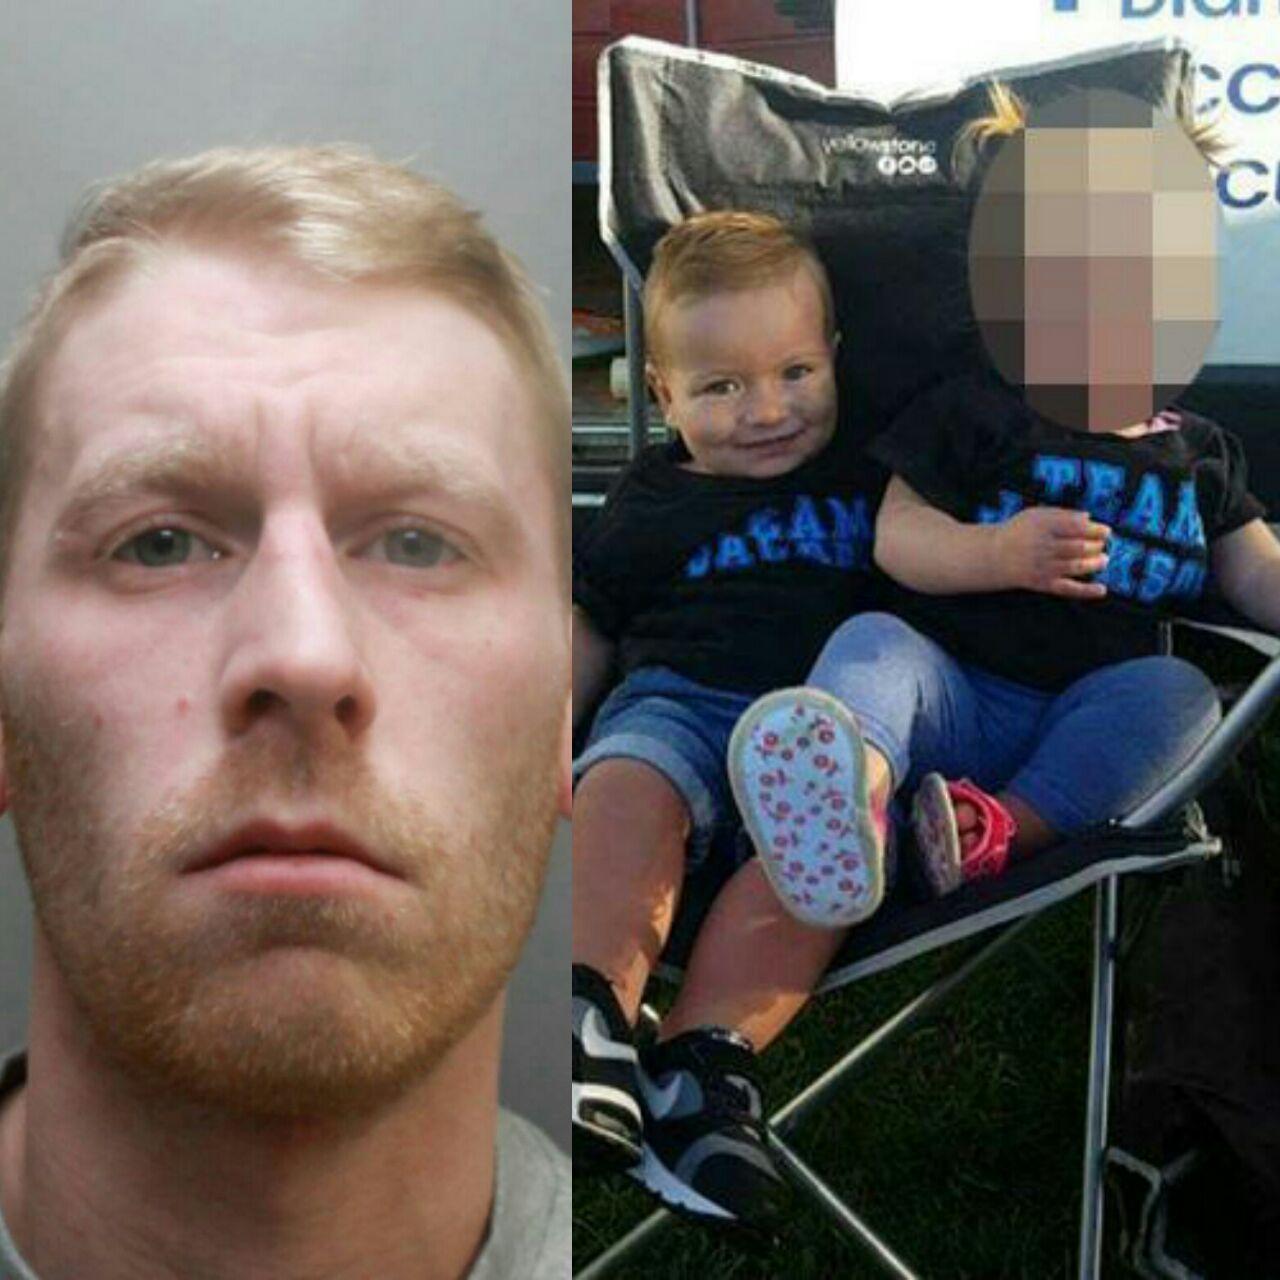 Mató al hijo de 2 años de su novio e hirió a su gemelo